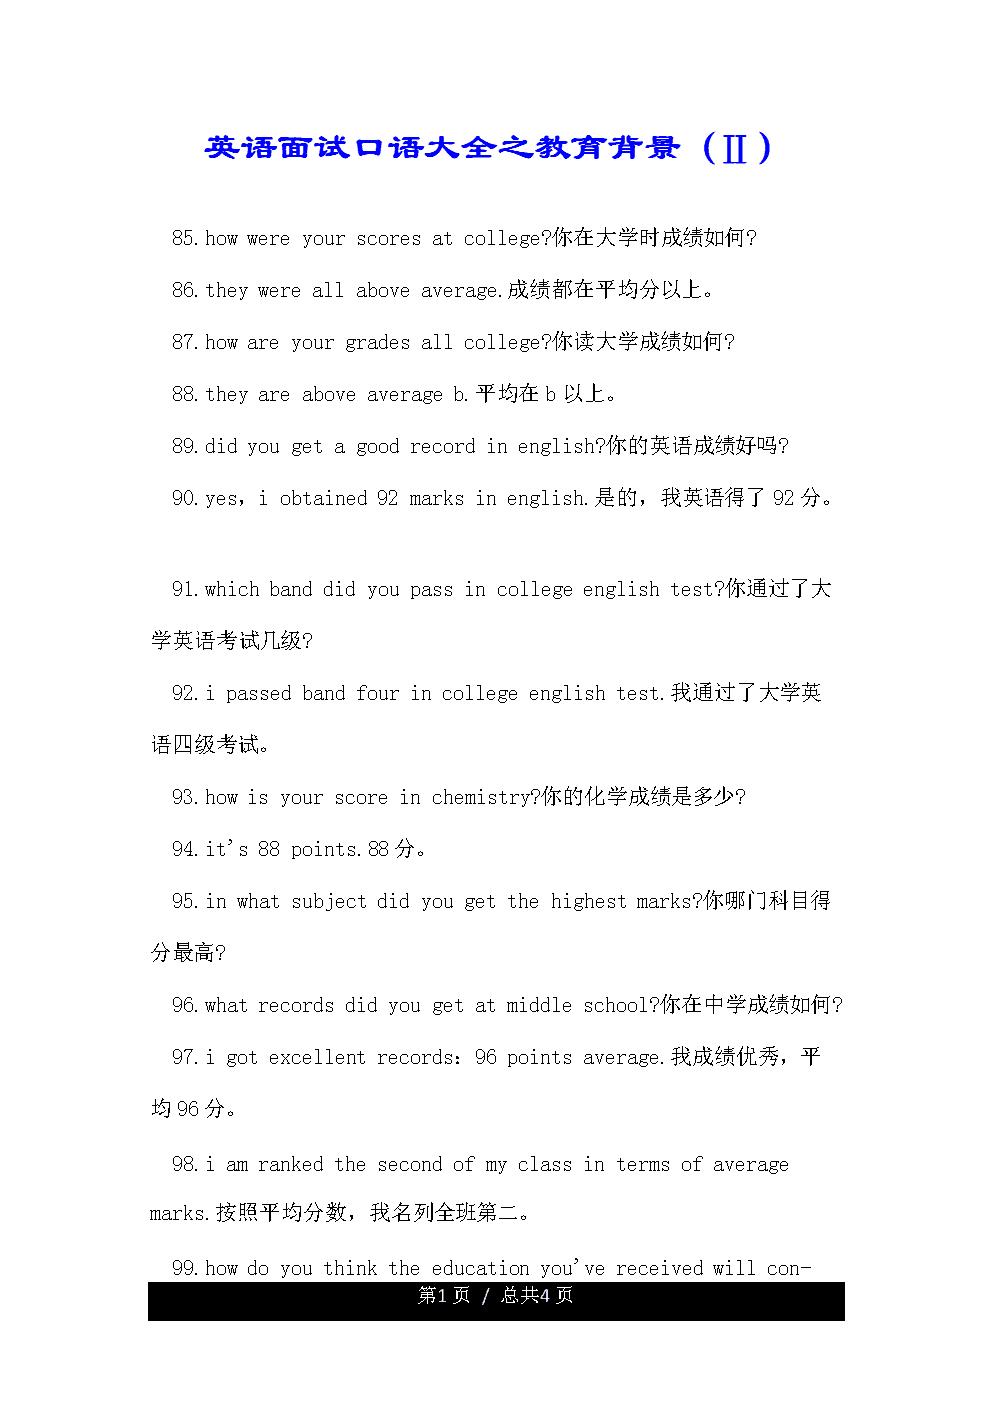 英語面試口語大全之教育背景(Ⅱ).doc